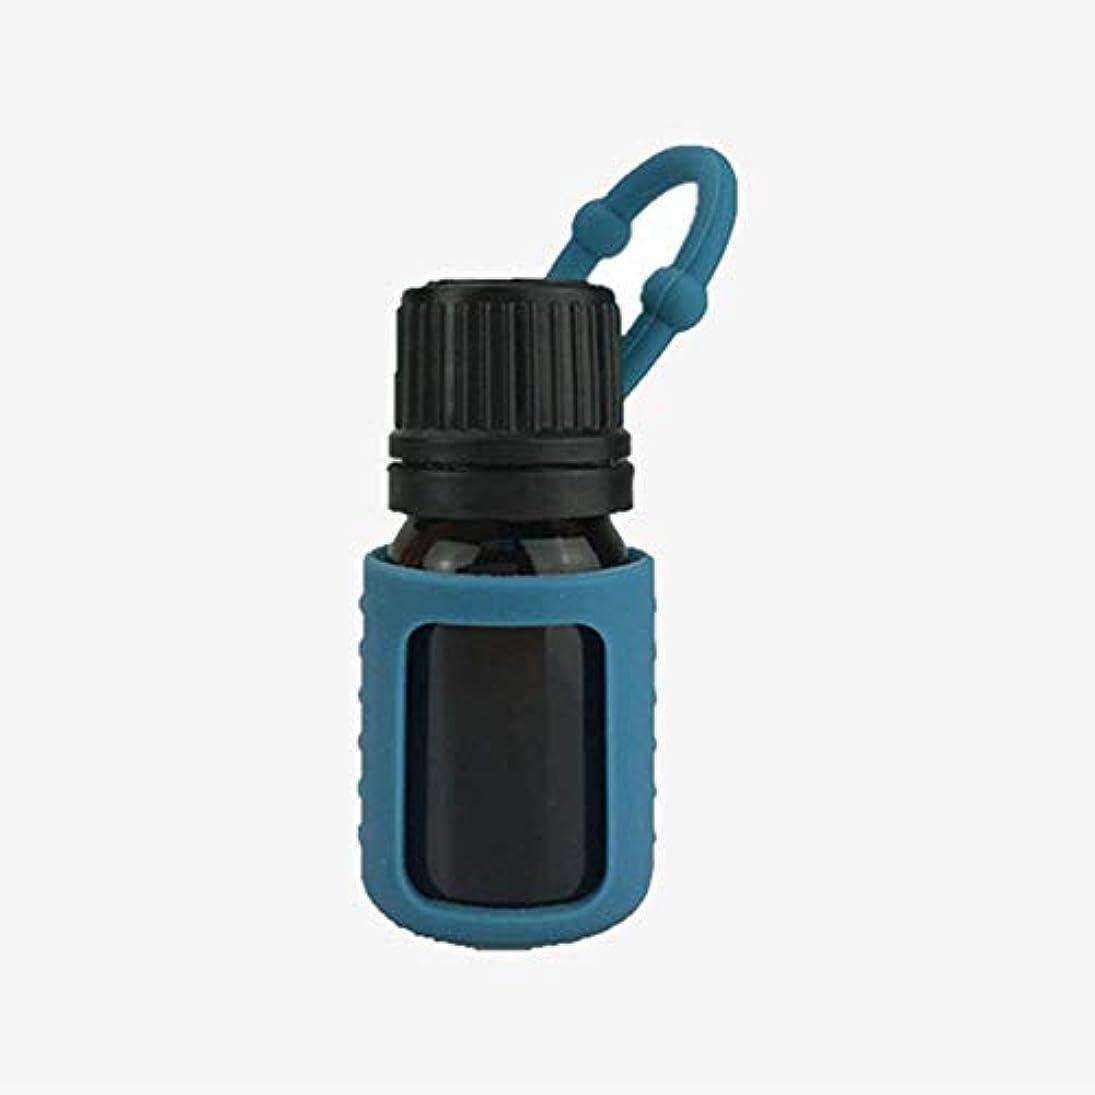 お手伝いさん個性グリースシリコンスリーブ5/10 / 15mlエッセンシャルオイルボトルプロテクターシリコン保護ケースカバーランダムカラー